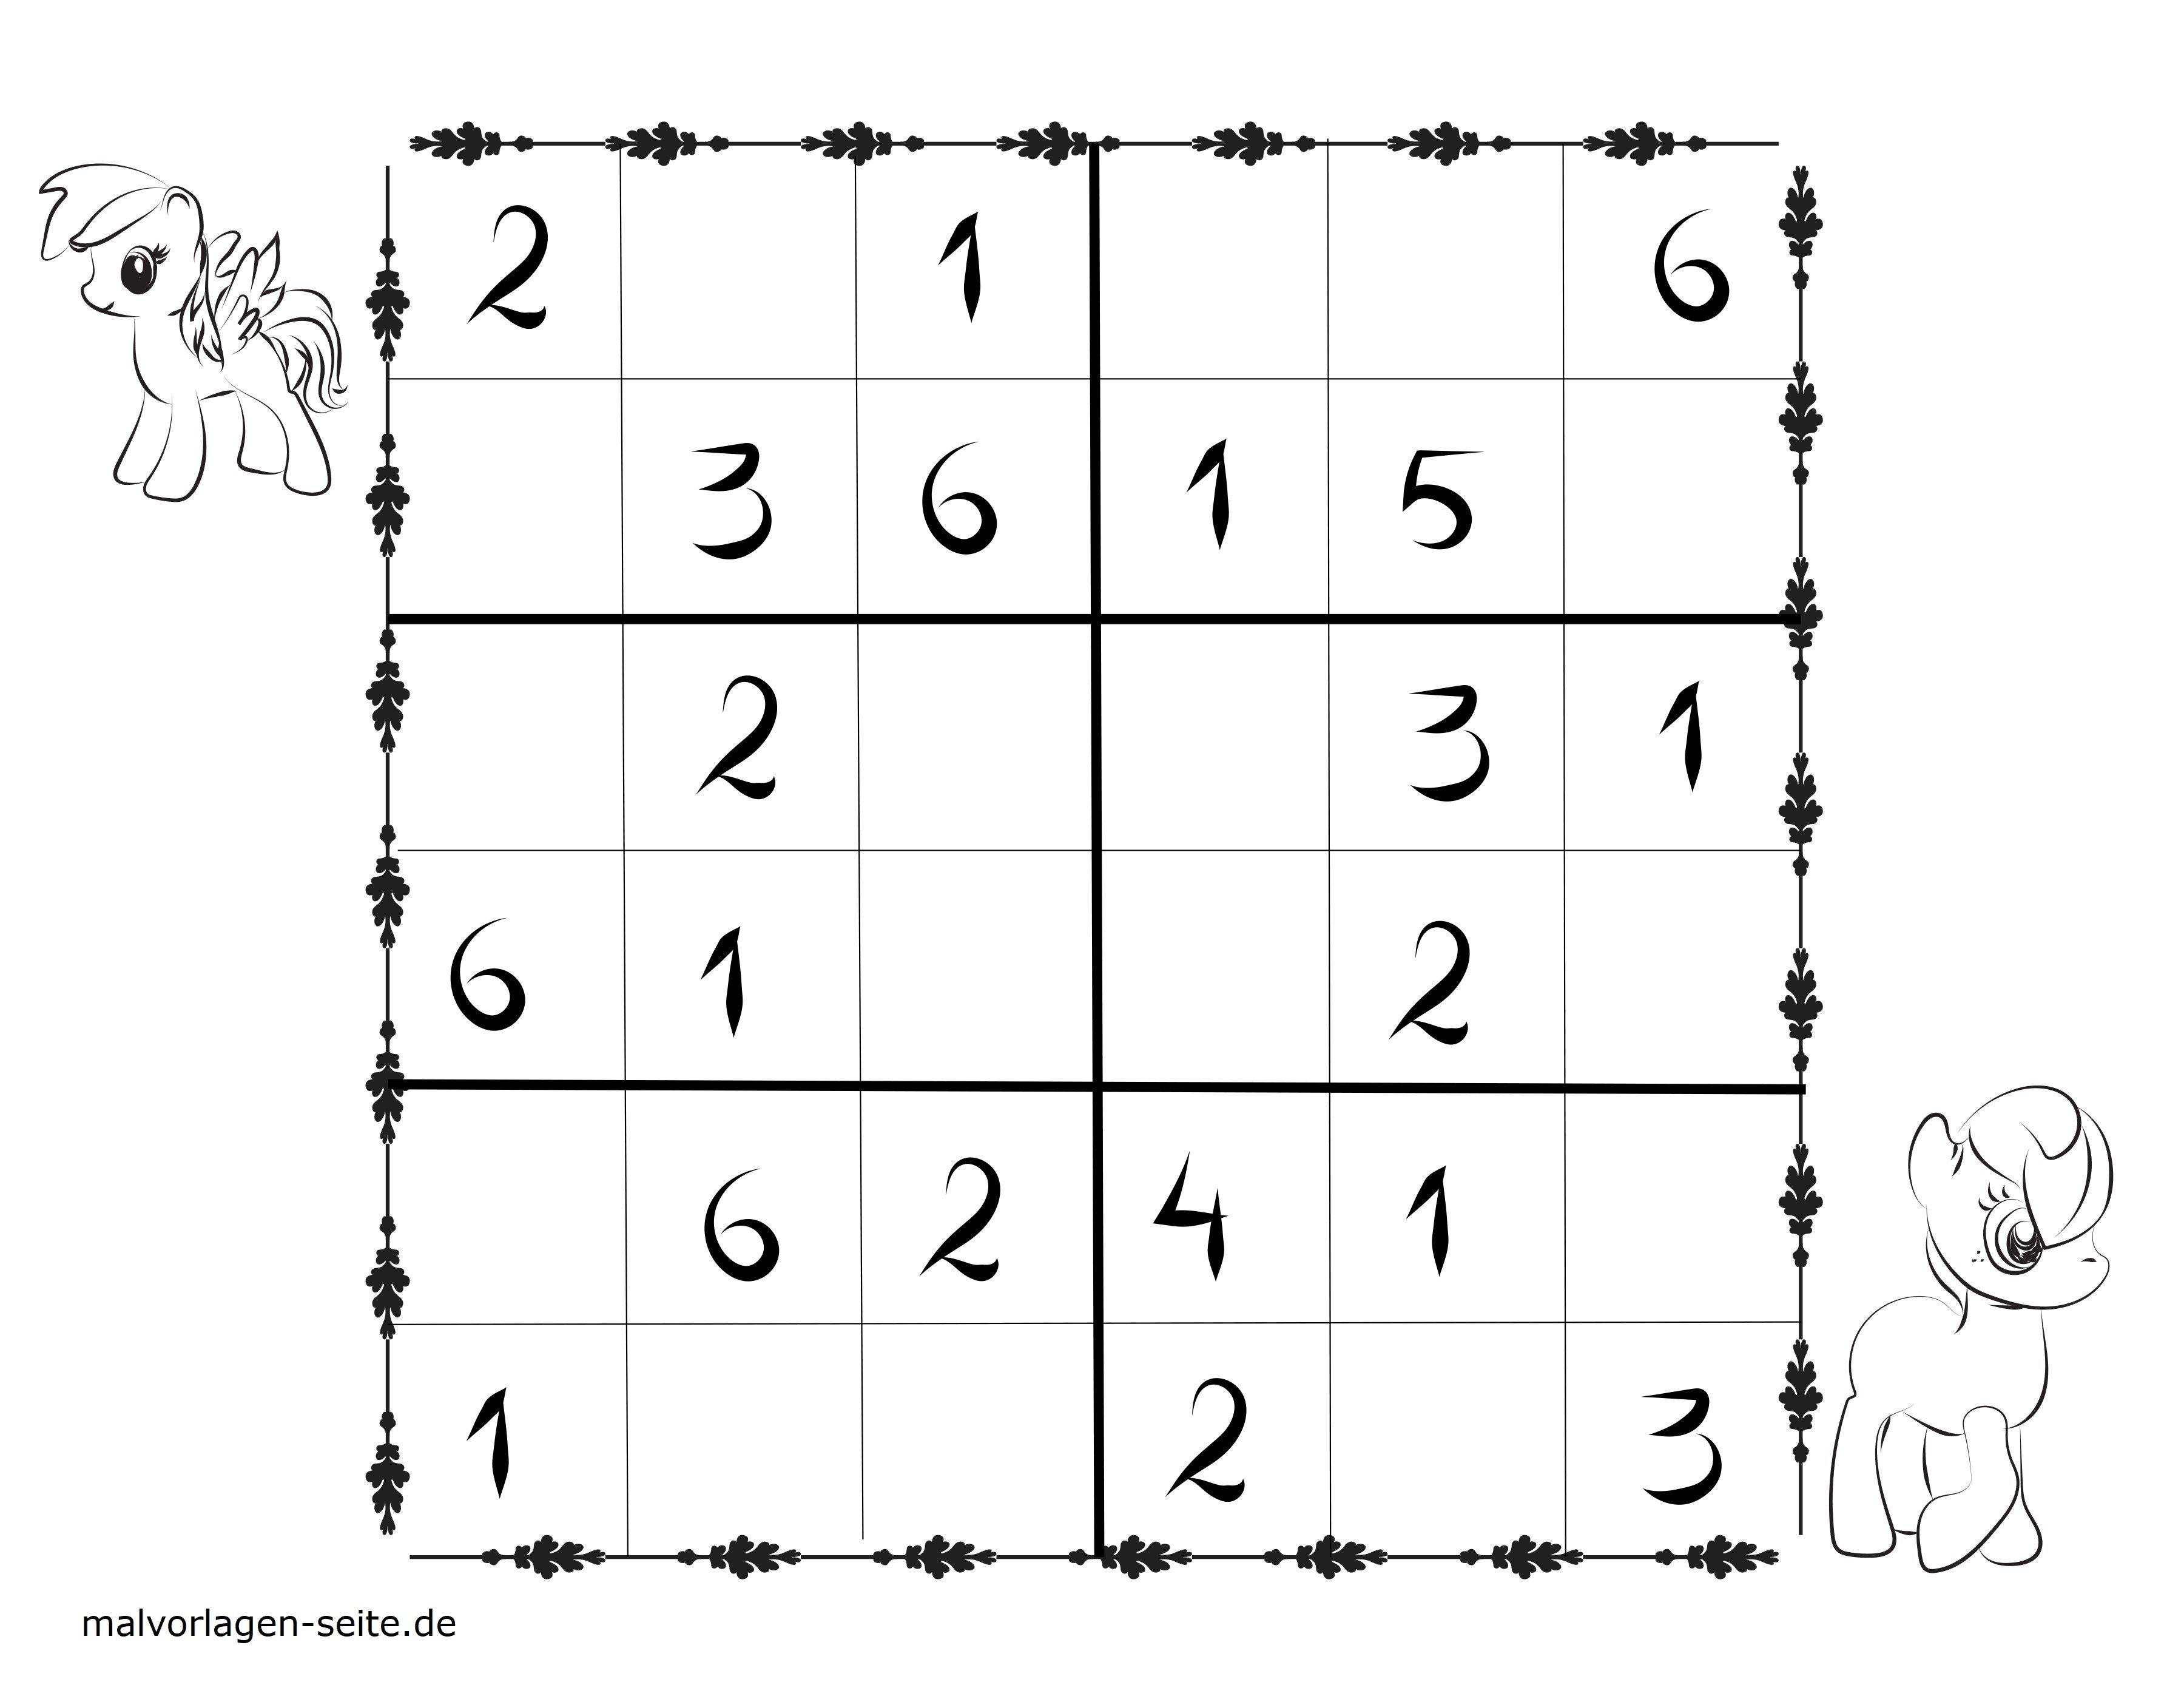 Sudoku Vorlagen Für Kinder 6x6 Kostenlos Herunterladen Und